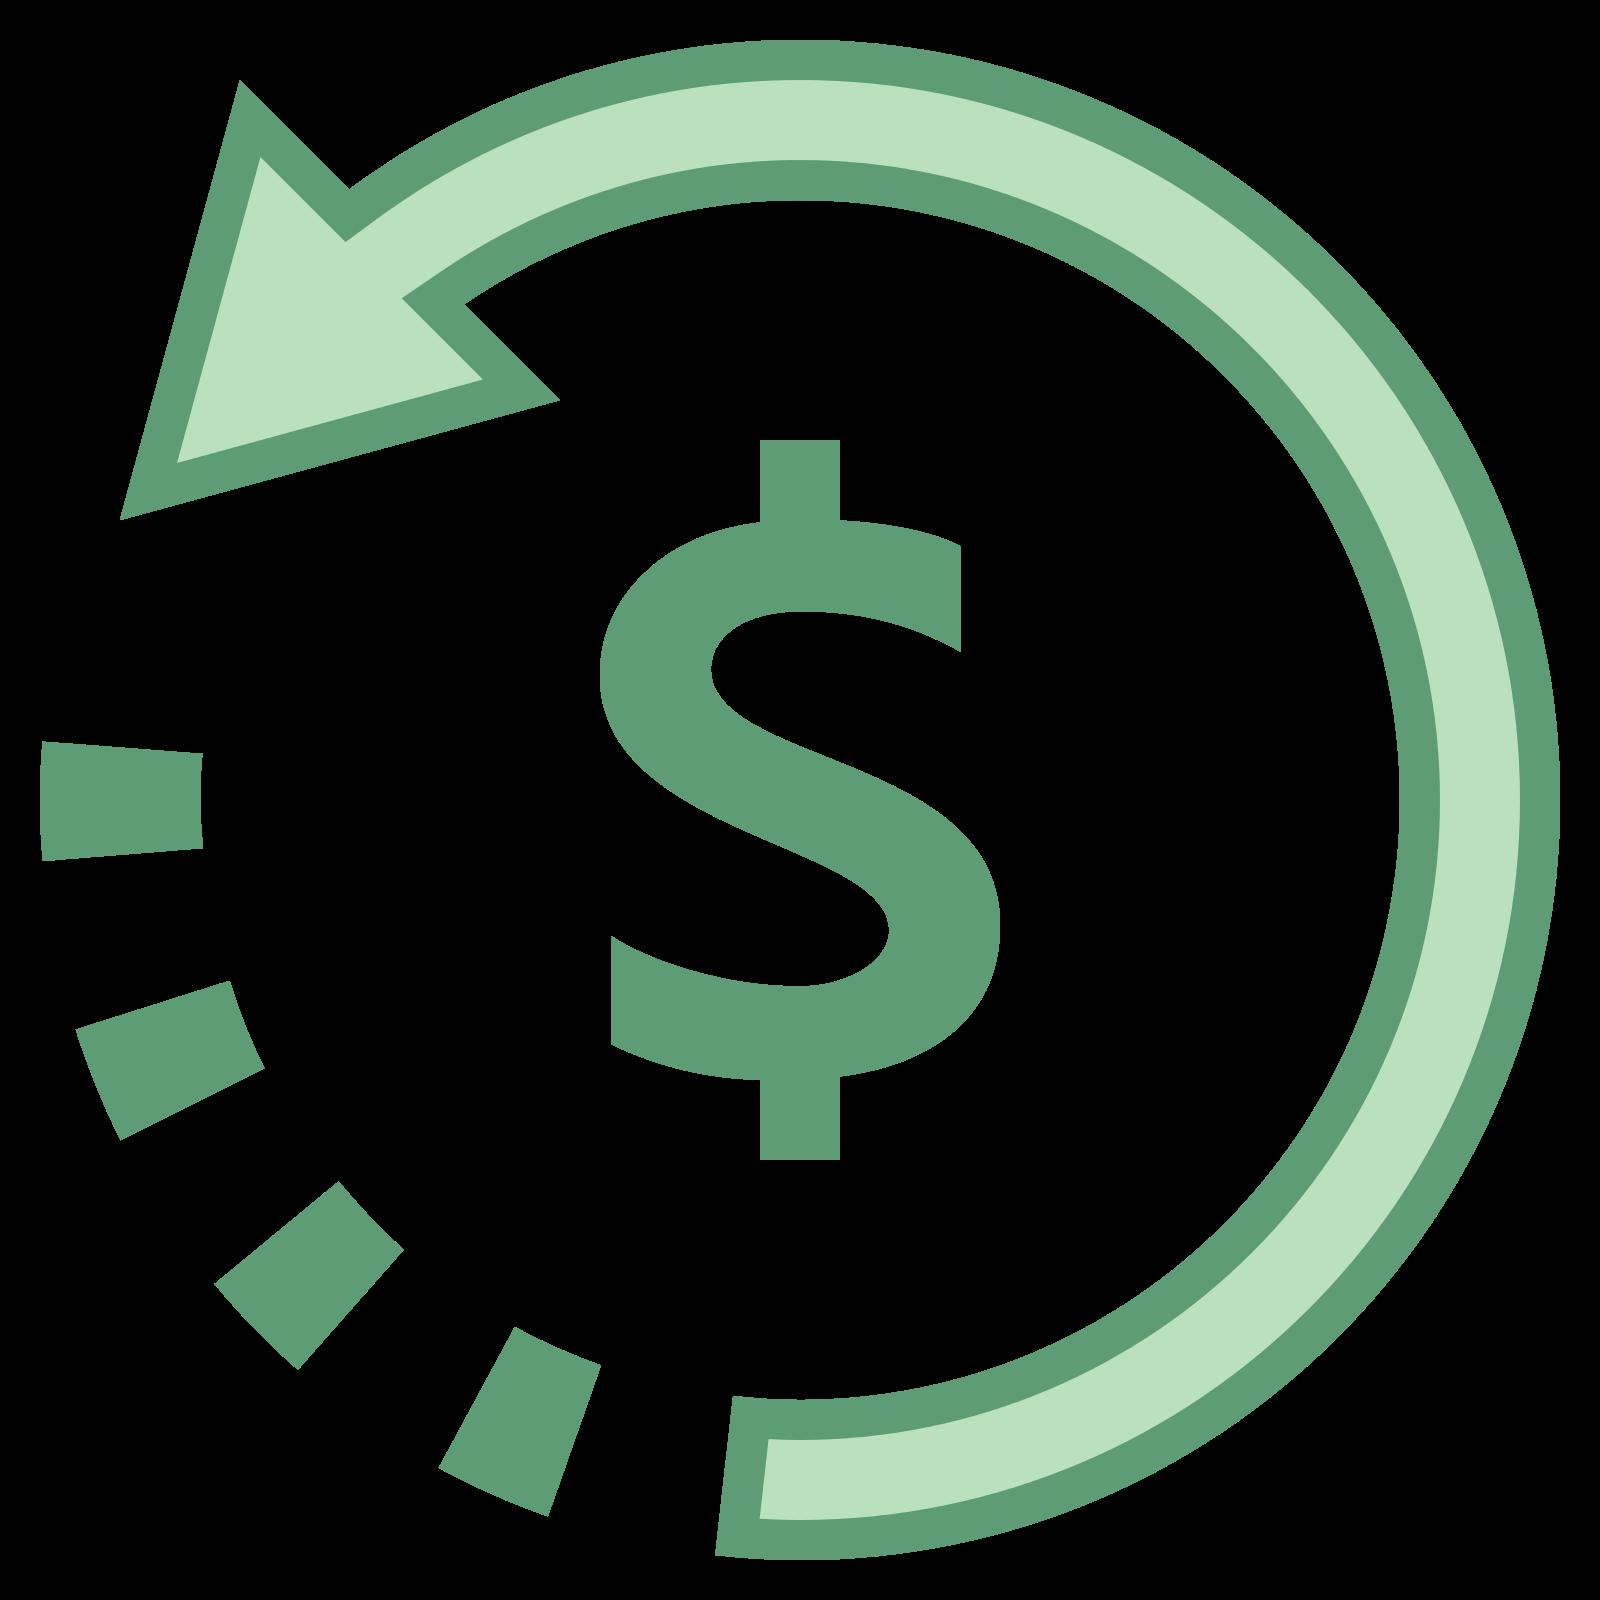 Refund 2 icon - Refund PNG